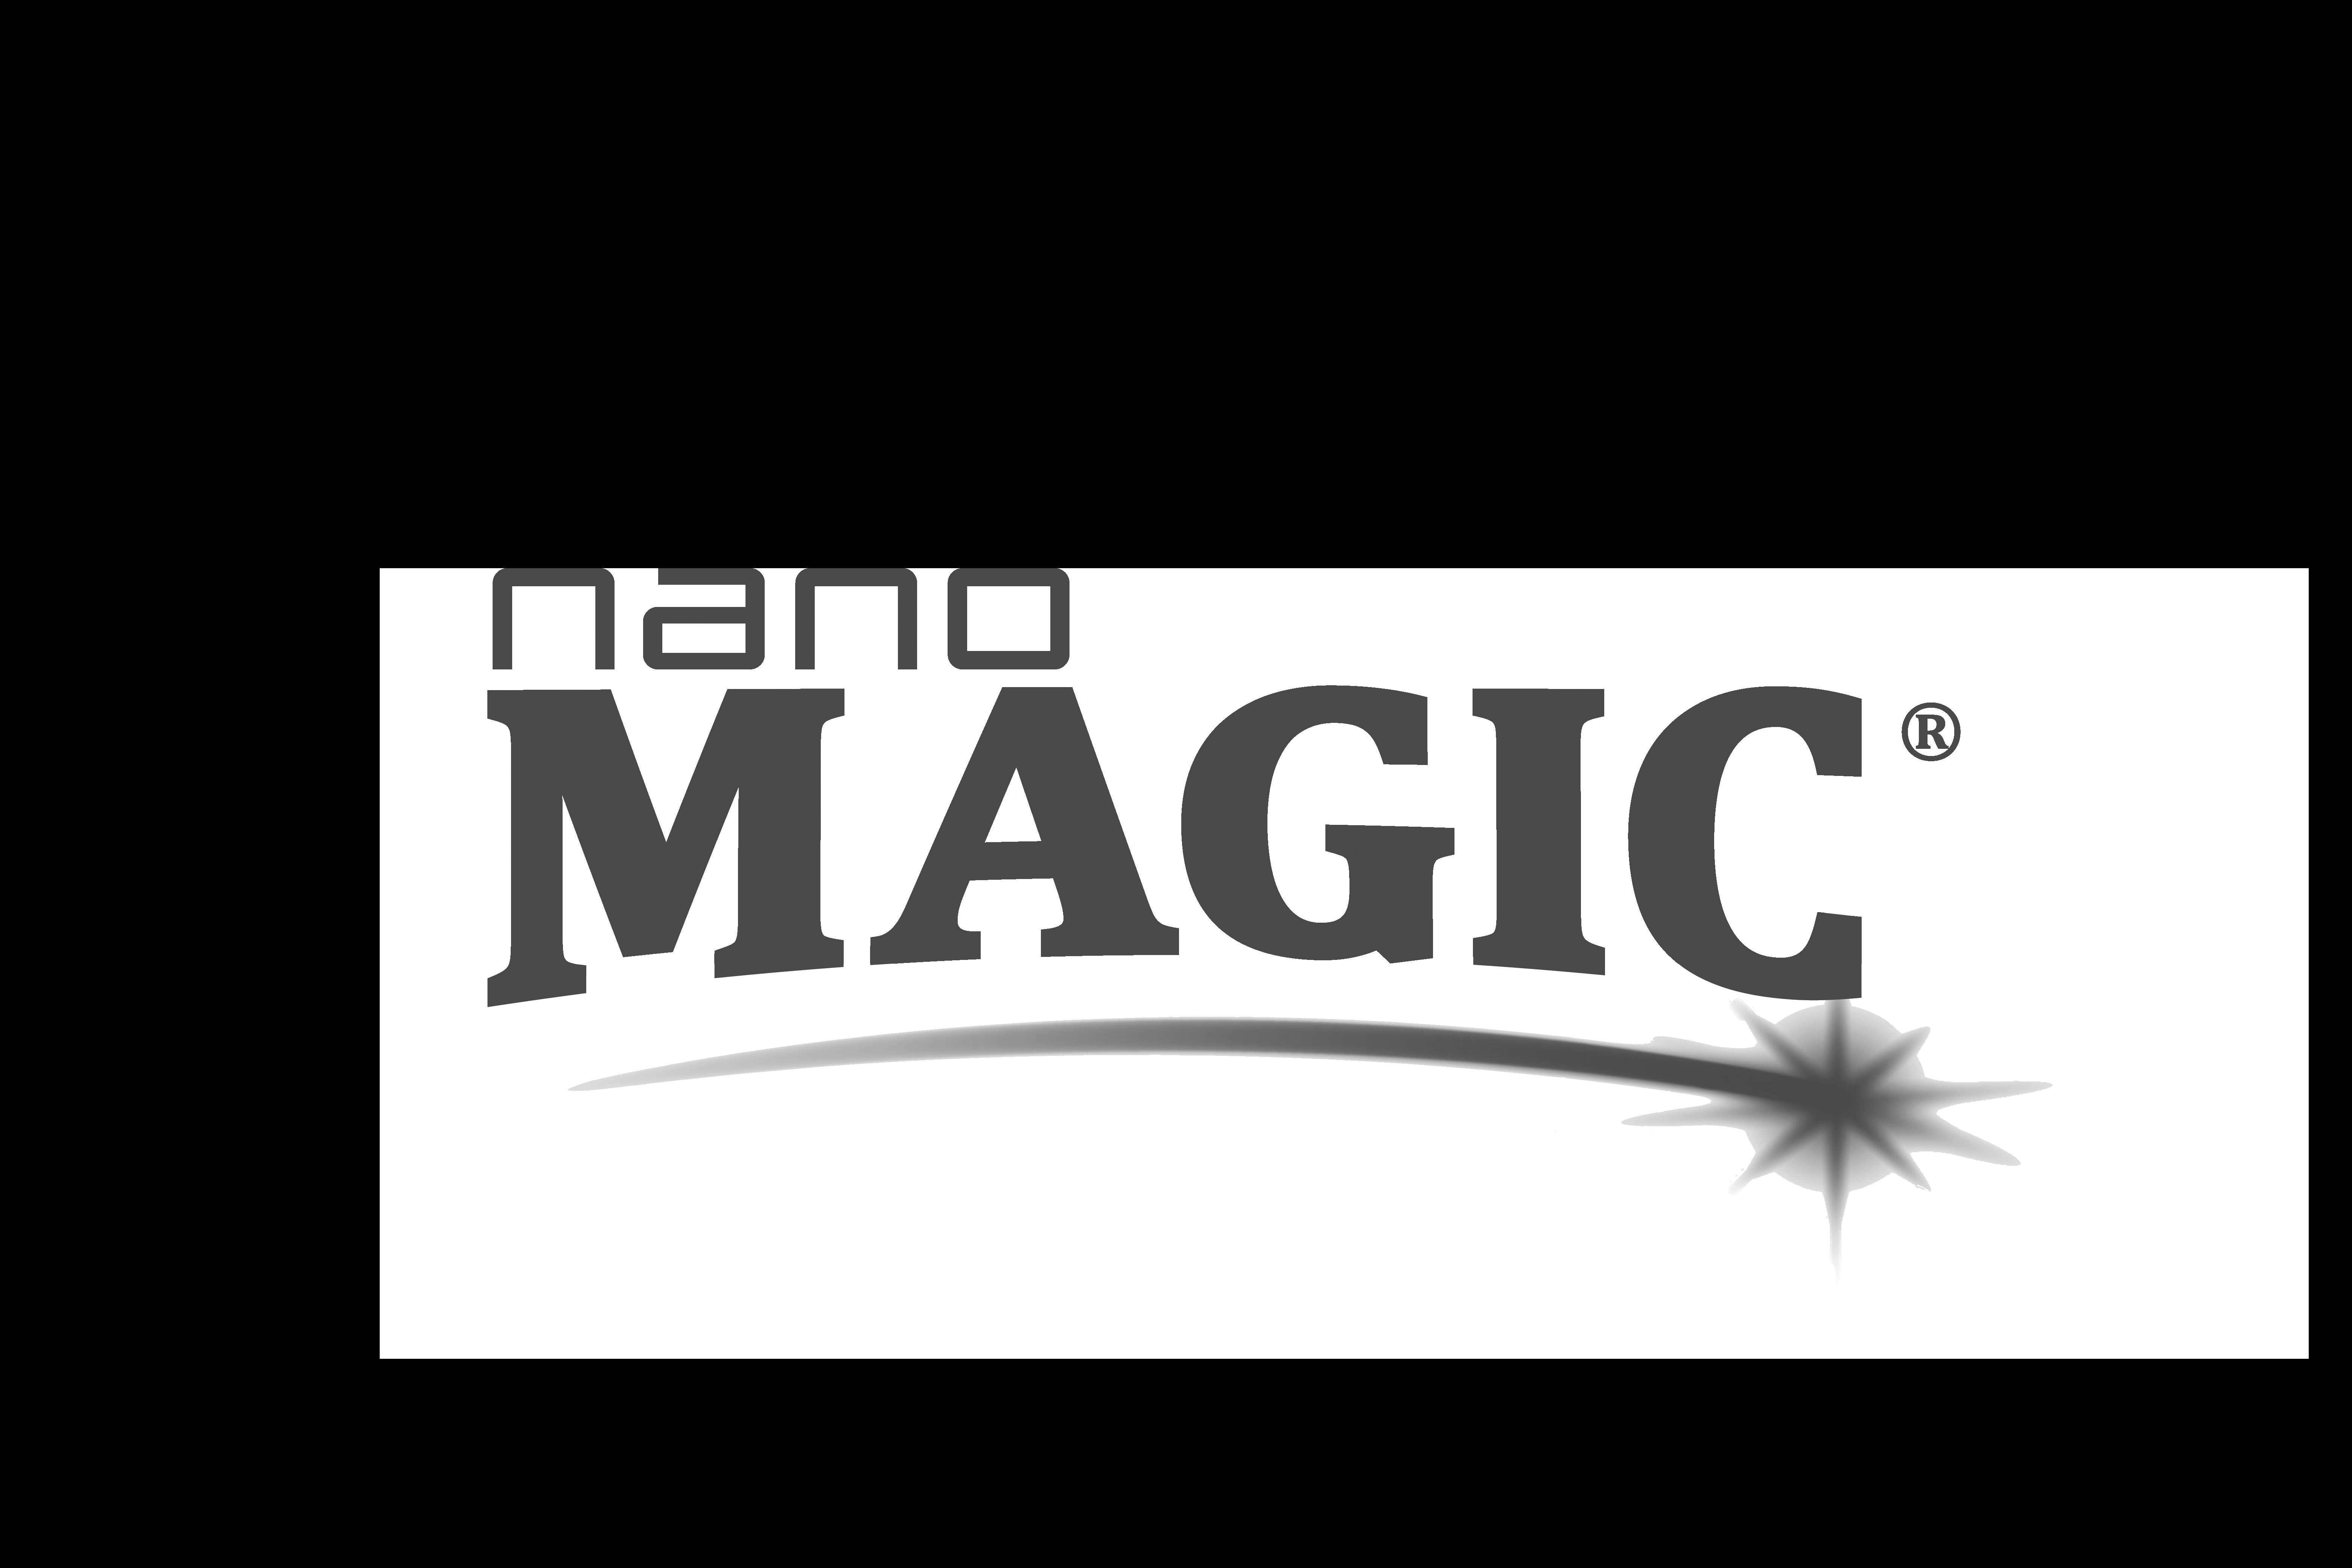 Nano Magic,